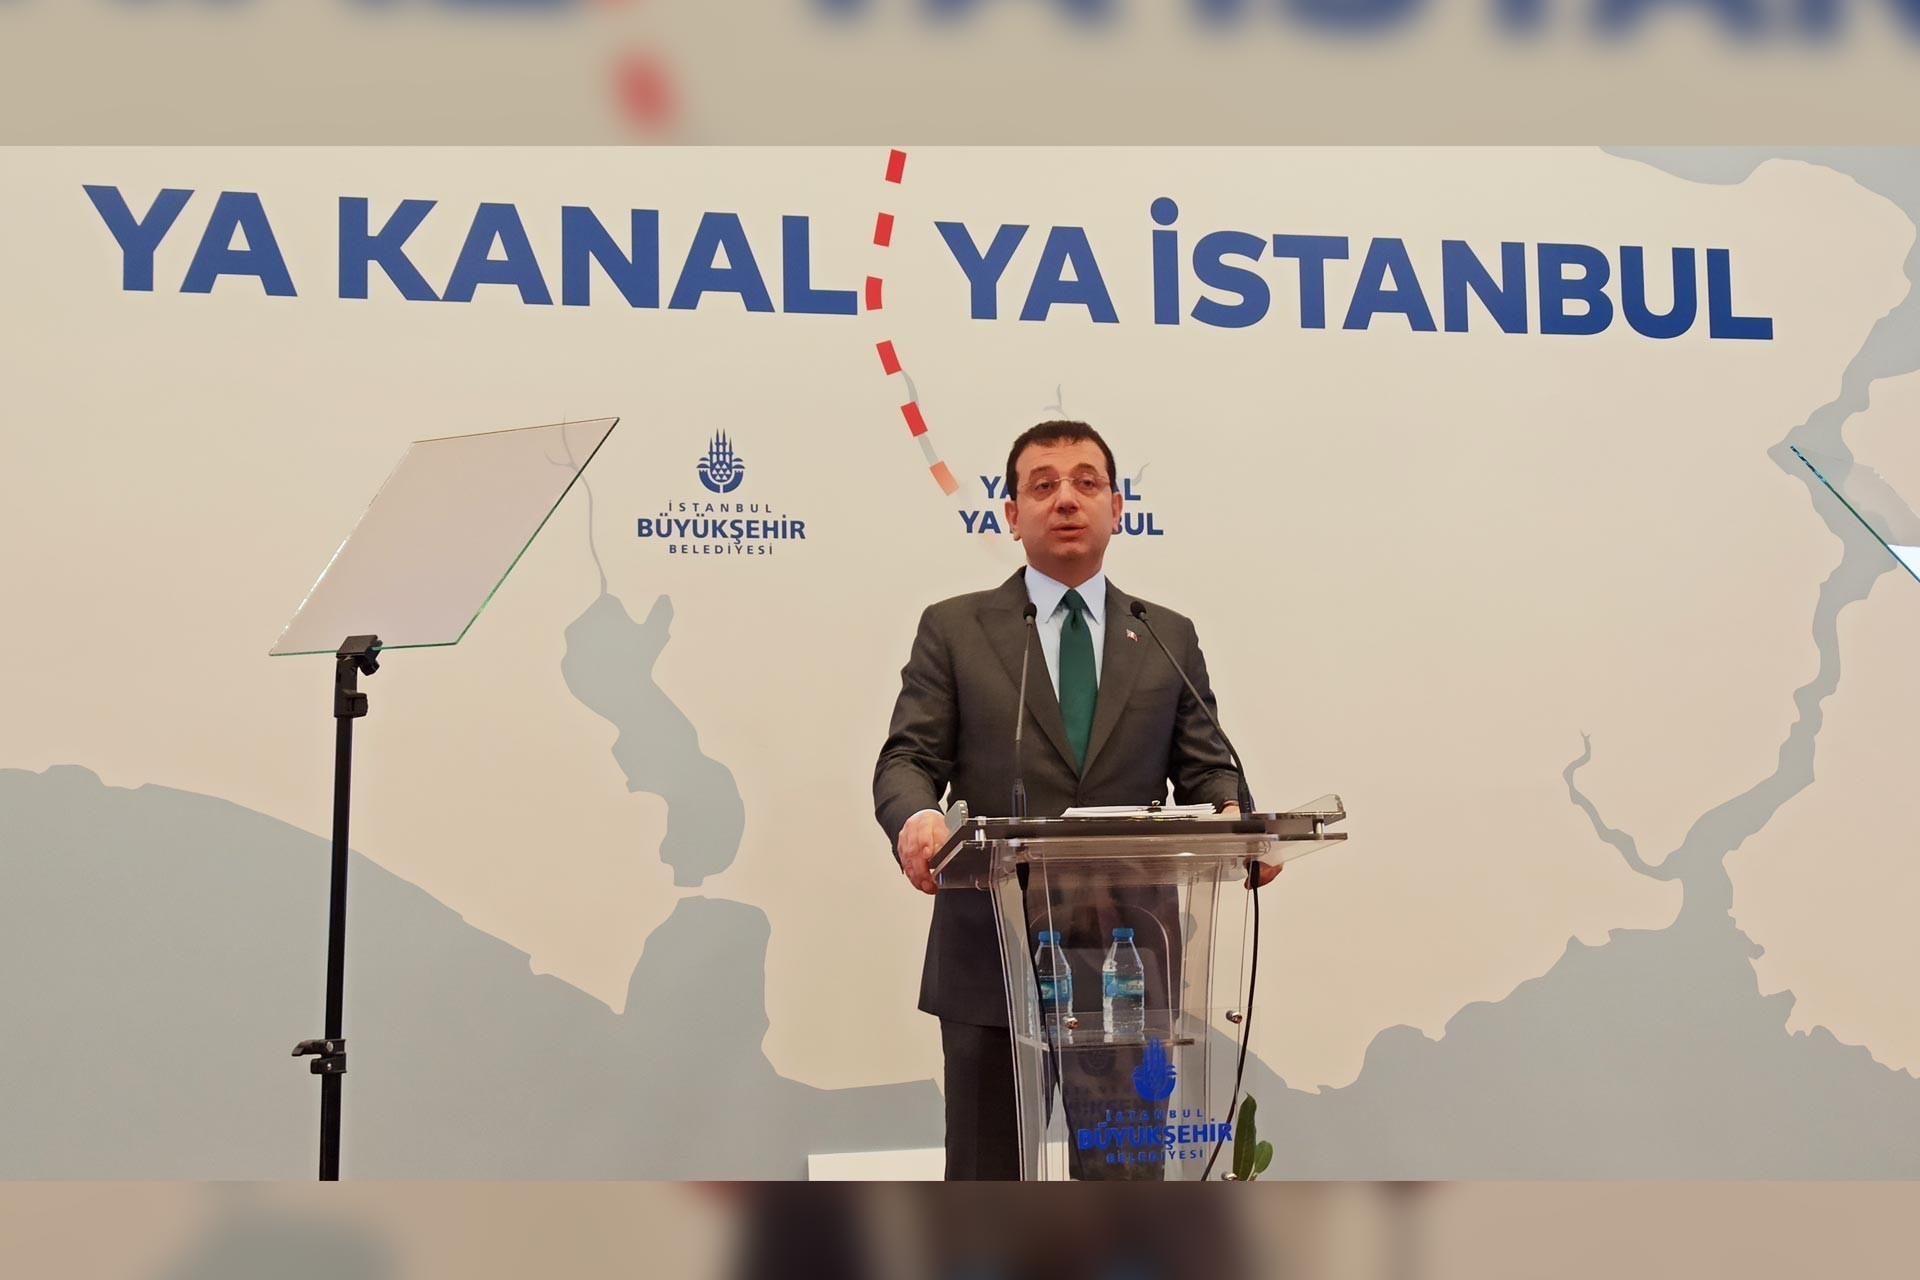 İBB Başkanı Ekrem İmamoğlu, 'Ya kanal ya istanbul' başlıklı basın toplantısında konuşurken